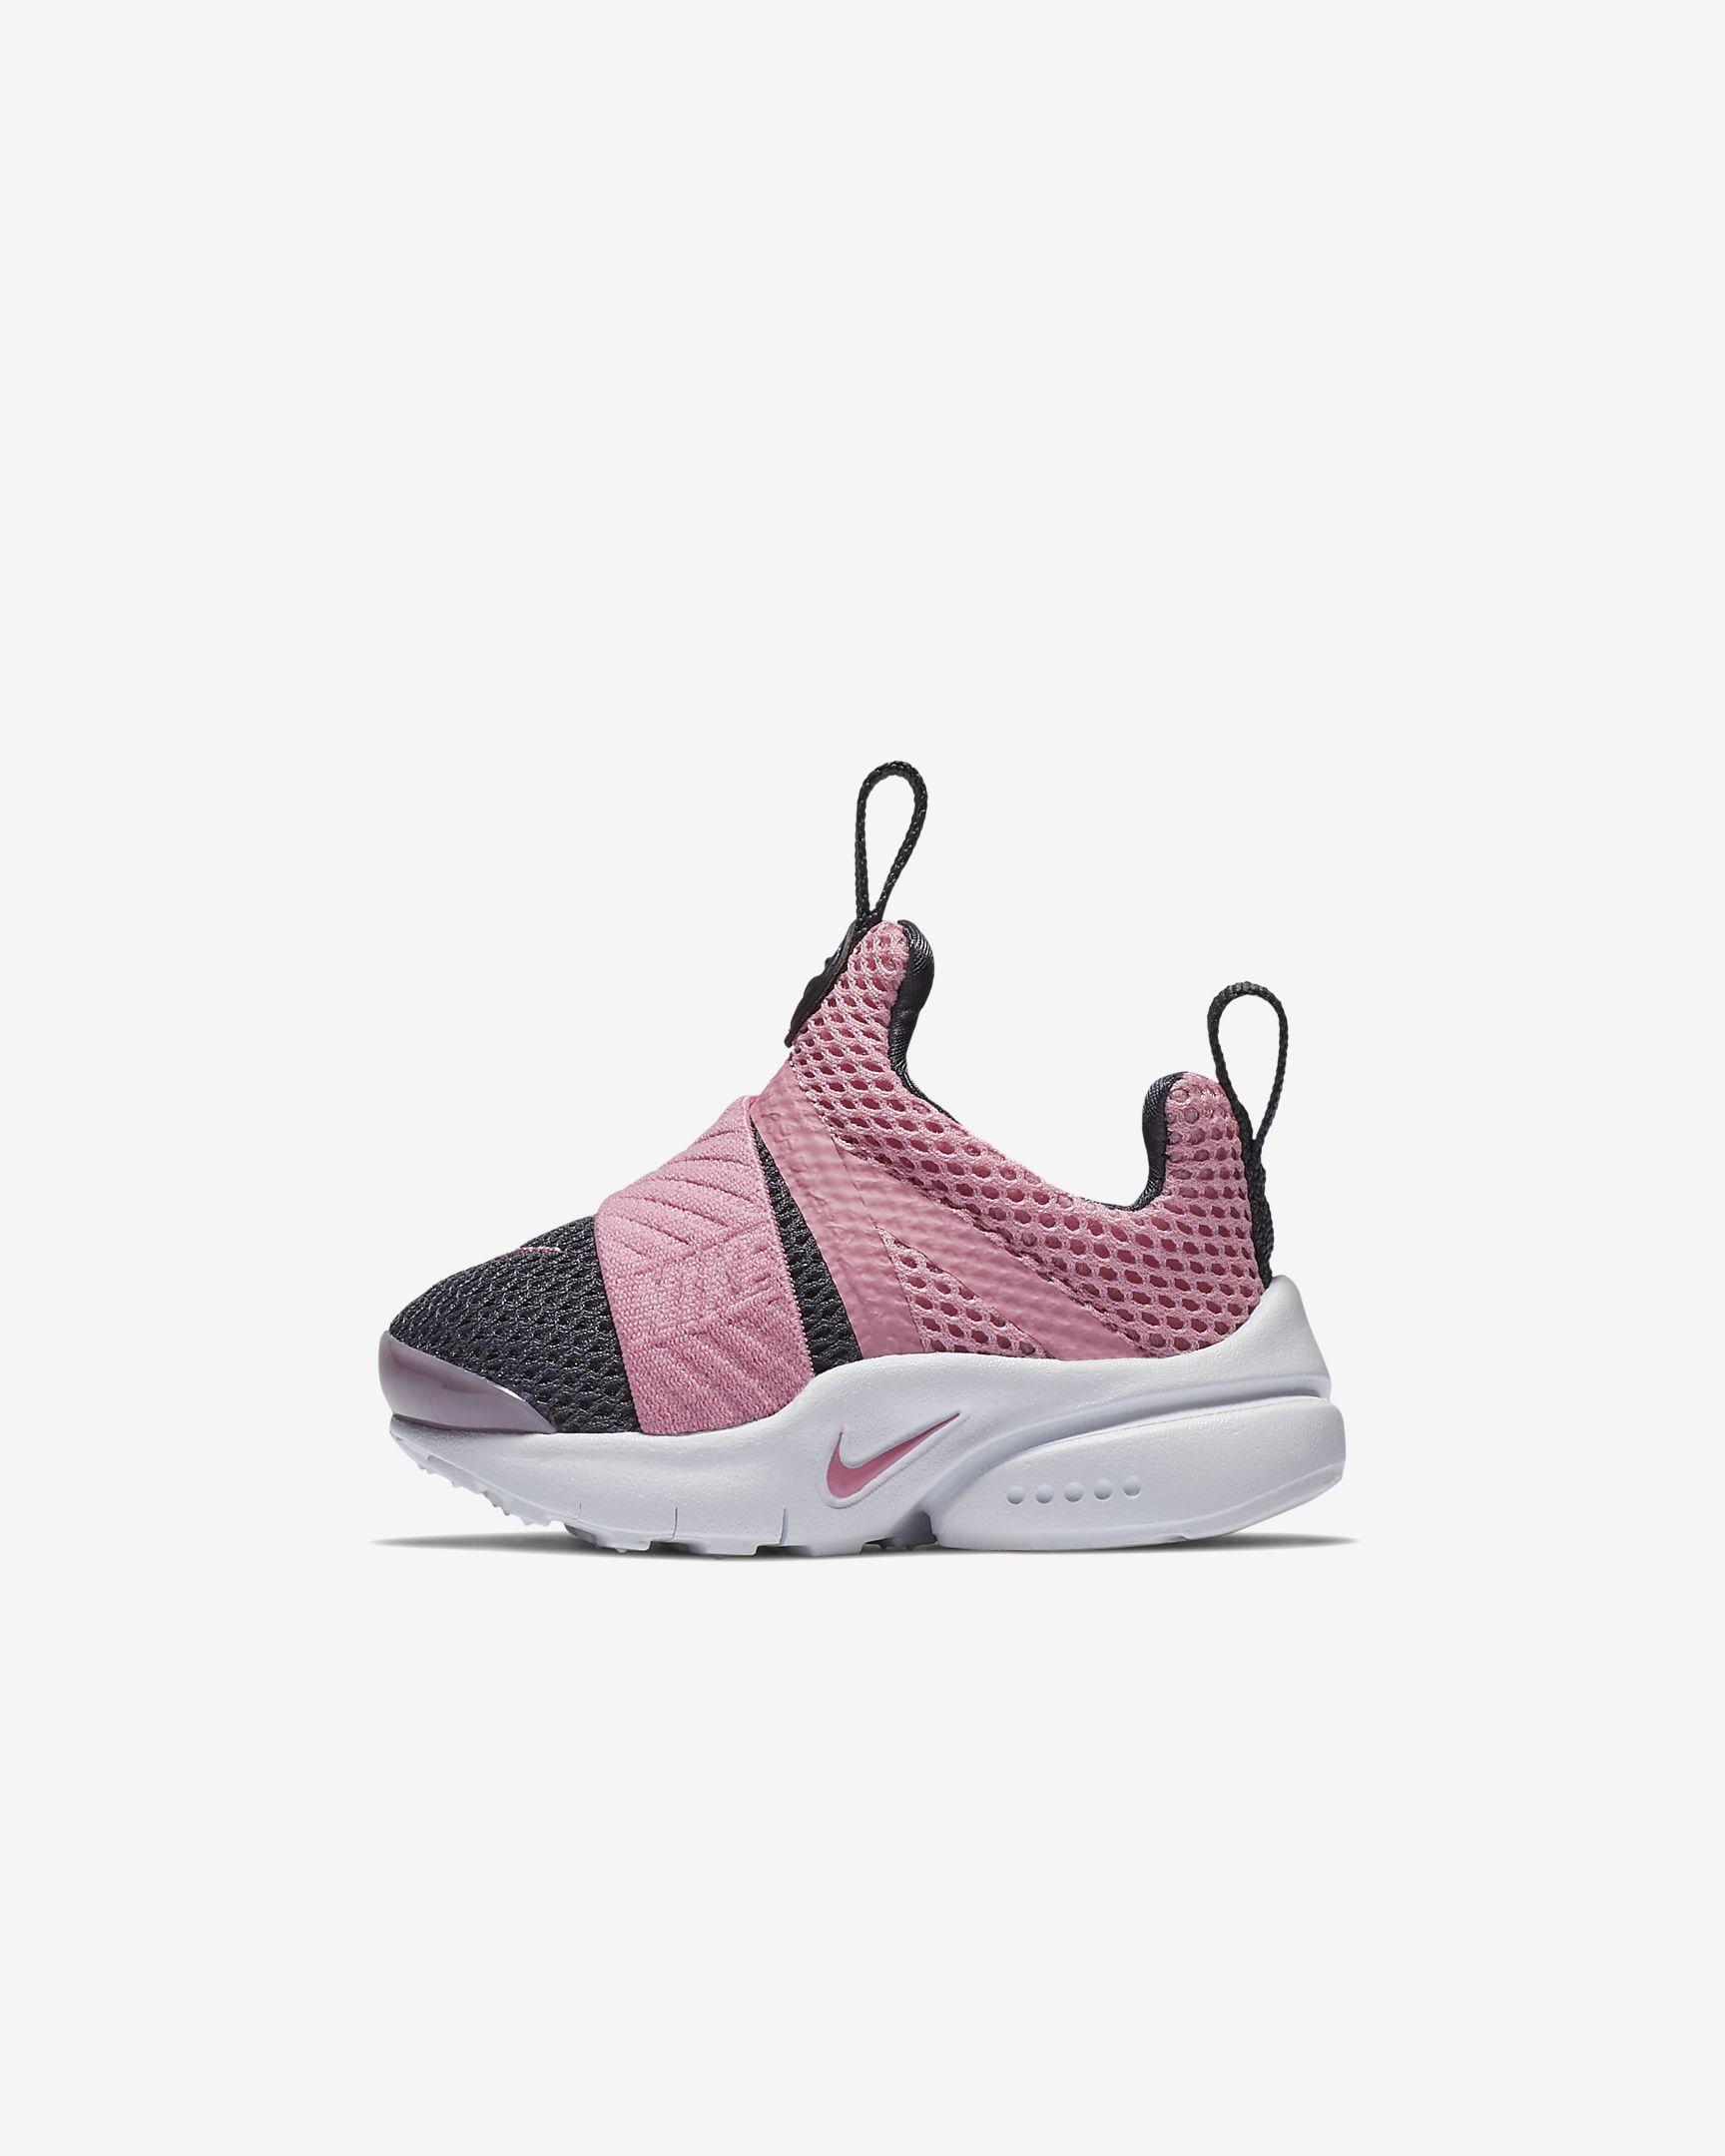 Nike Presto Extreme Infant Toddler Shoe  0e2493af9